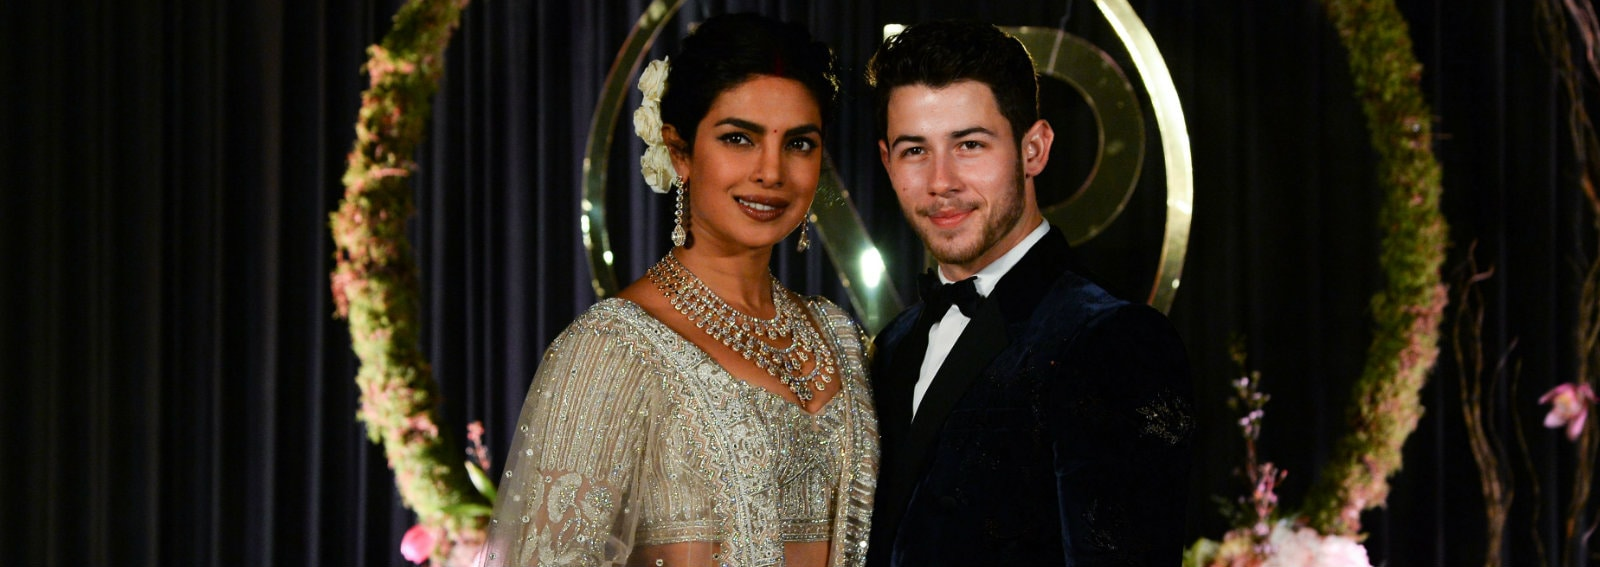 Nick Jonas e Priyanka Chopra 1